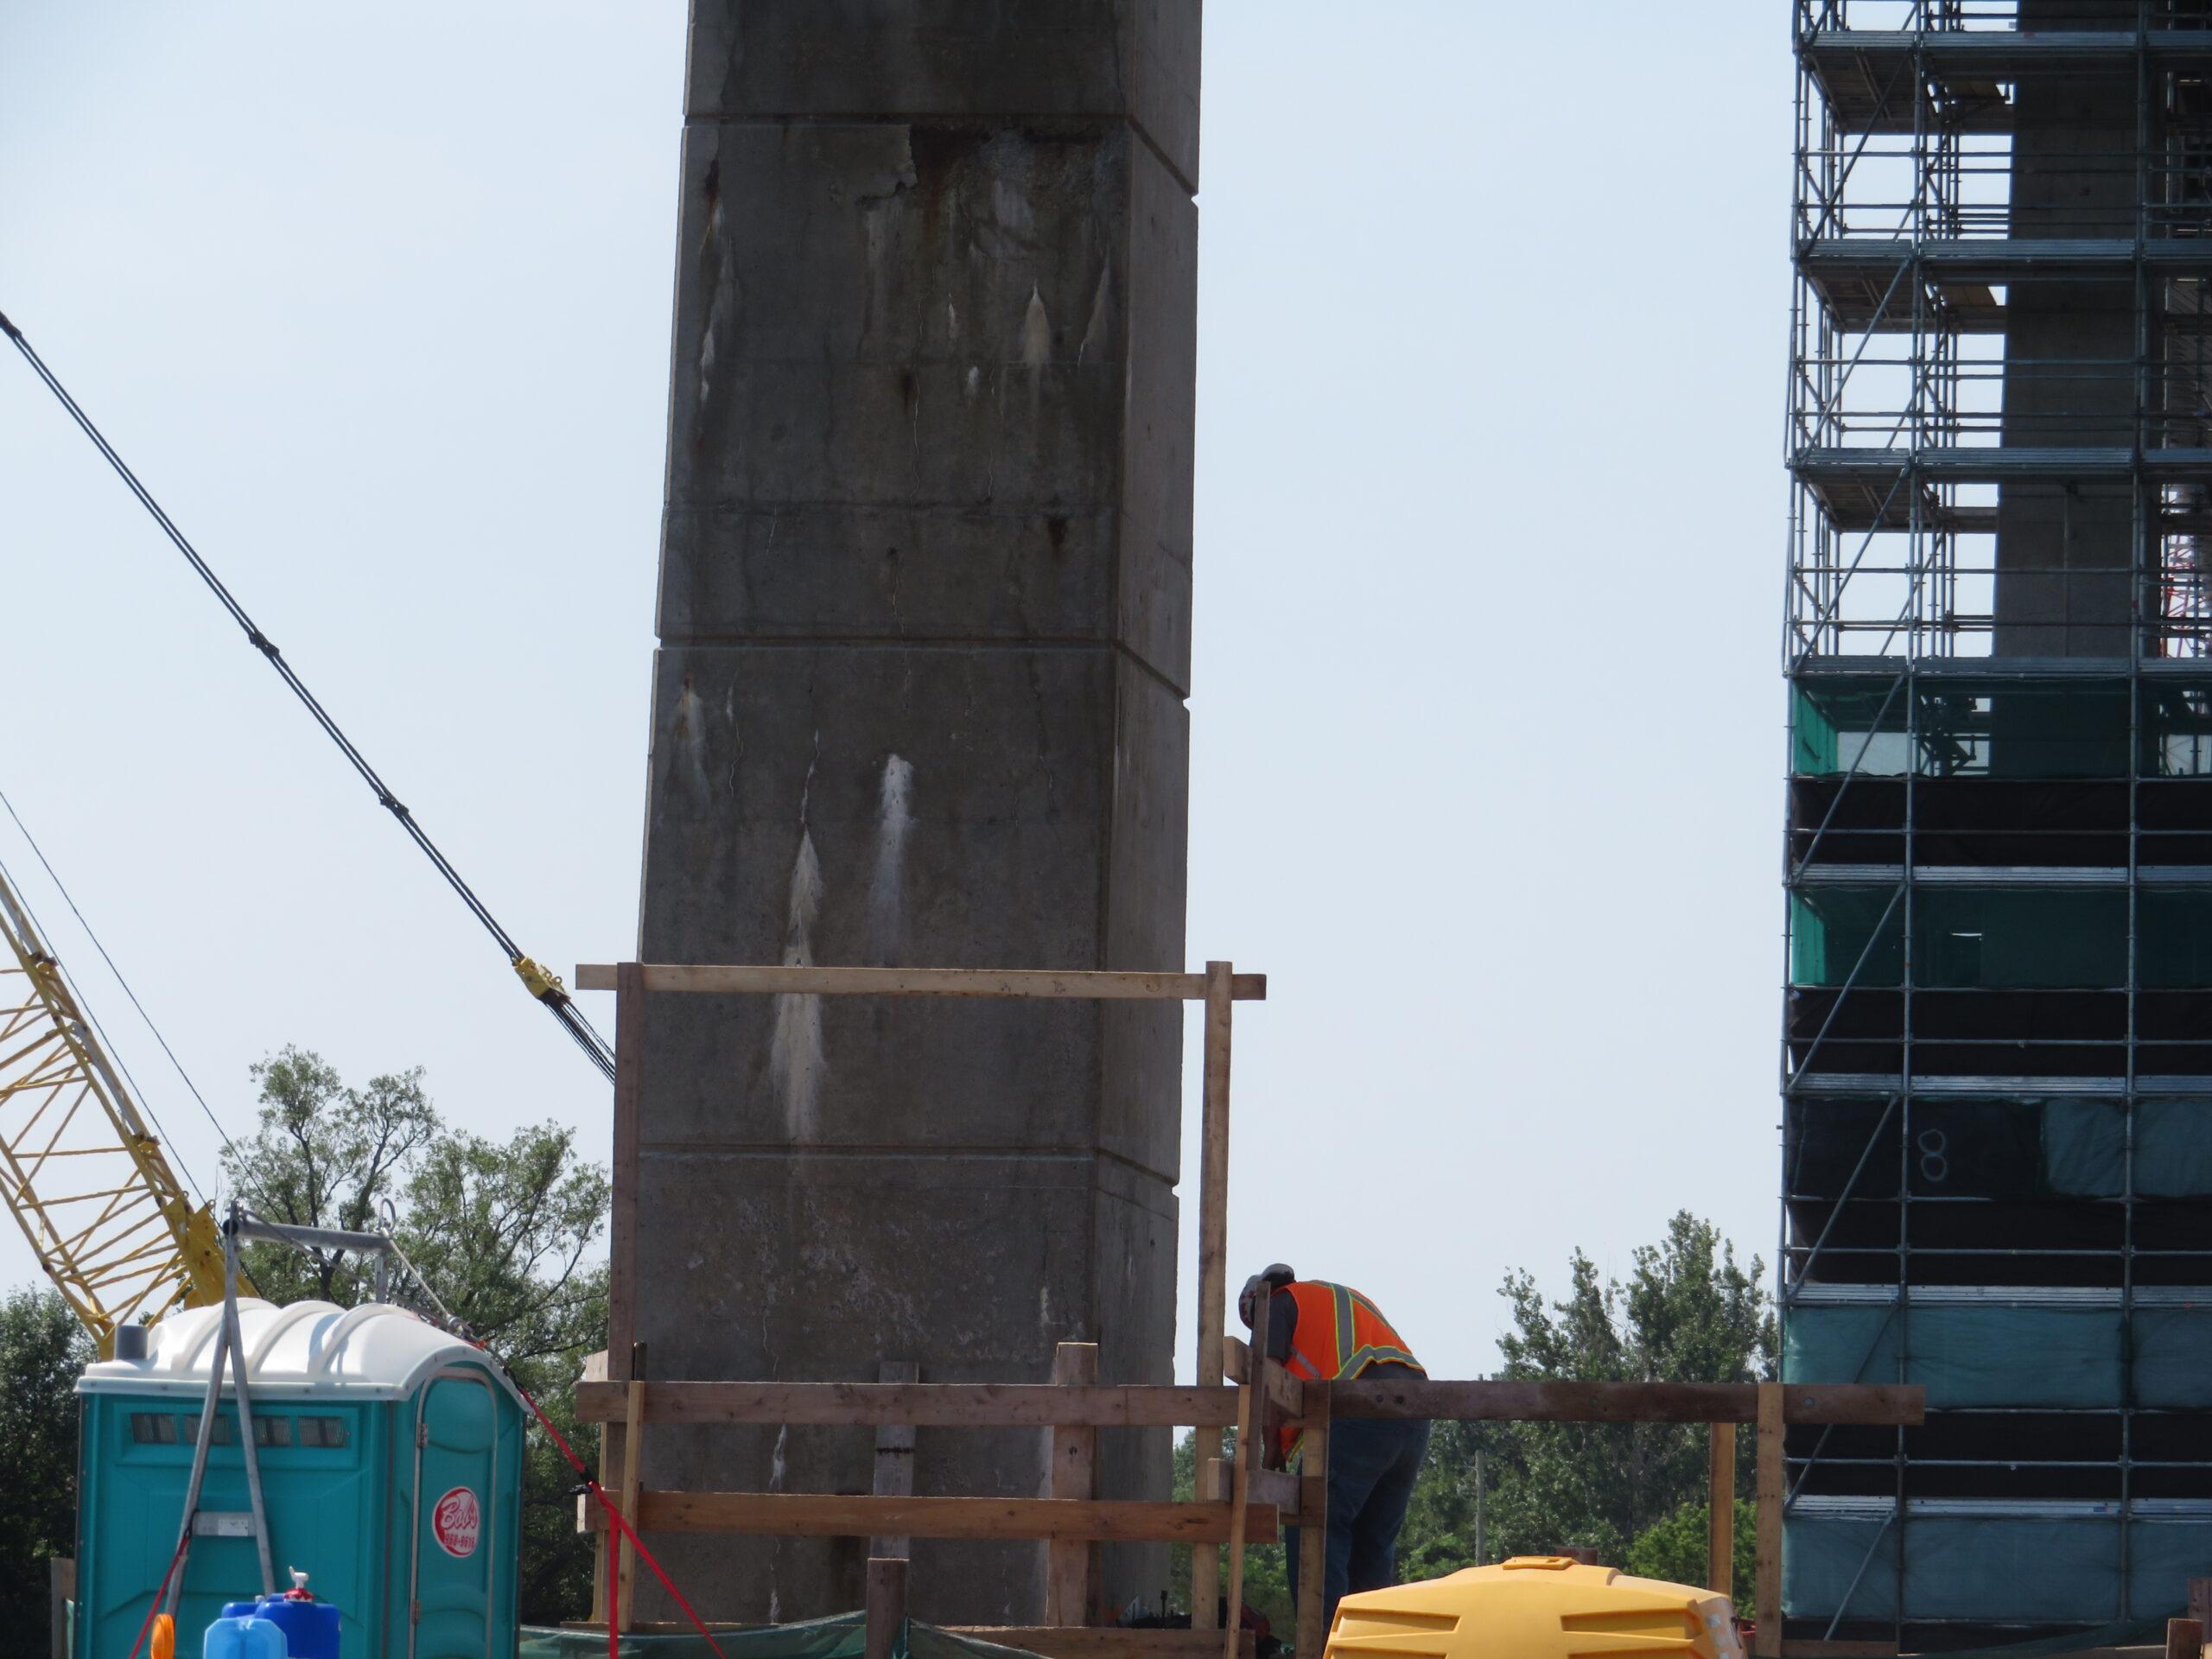 Building work platform on pier base 9